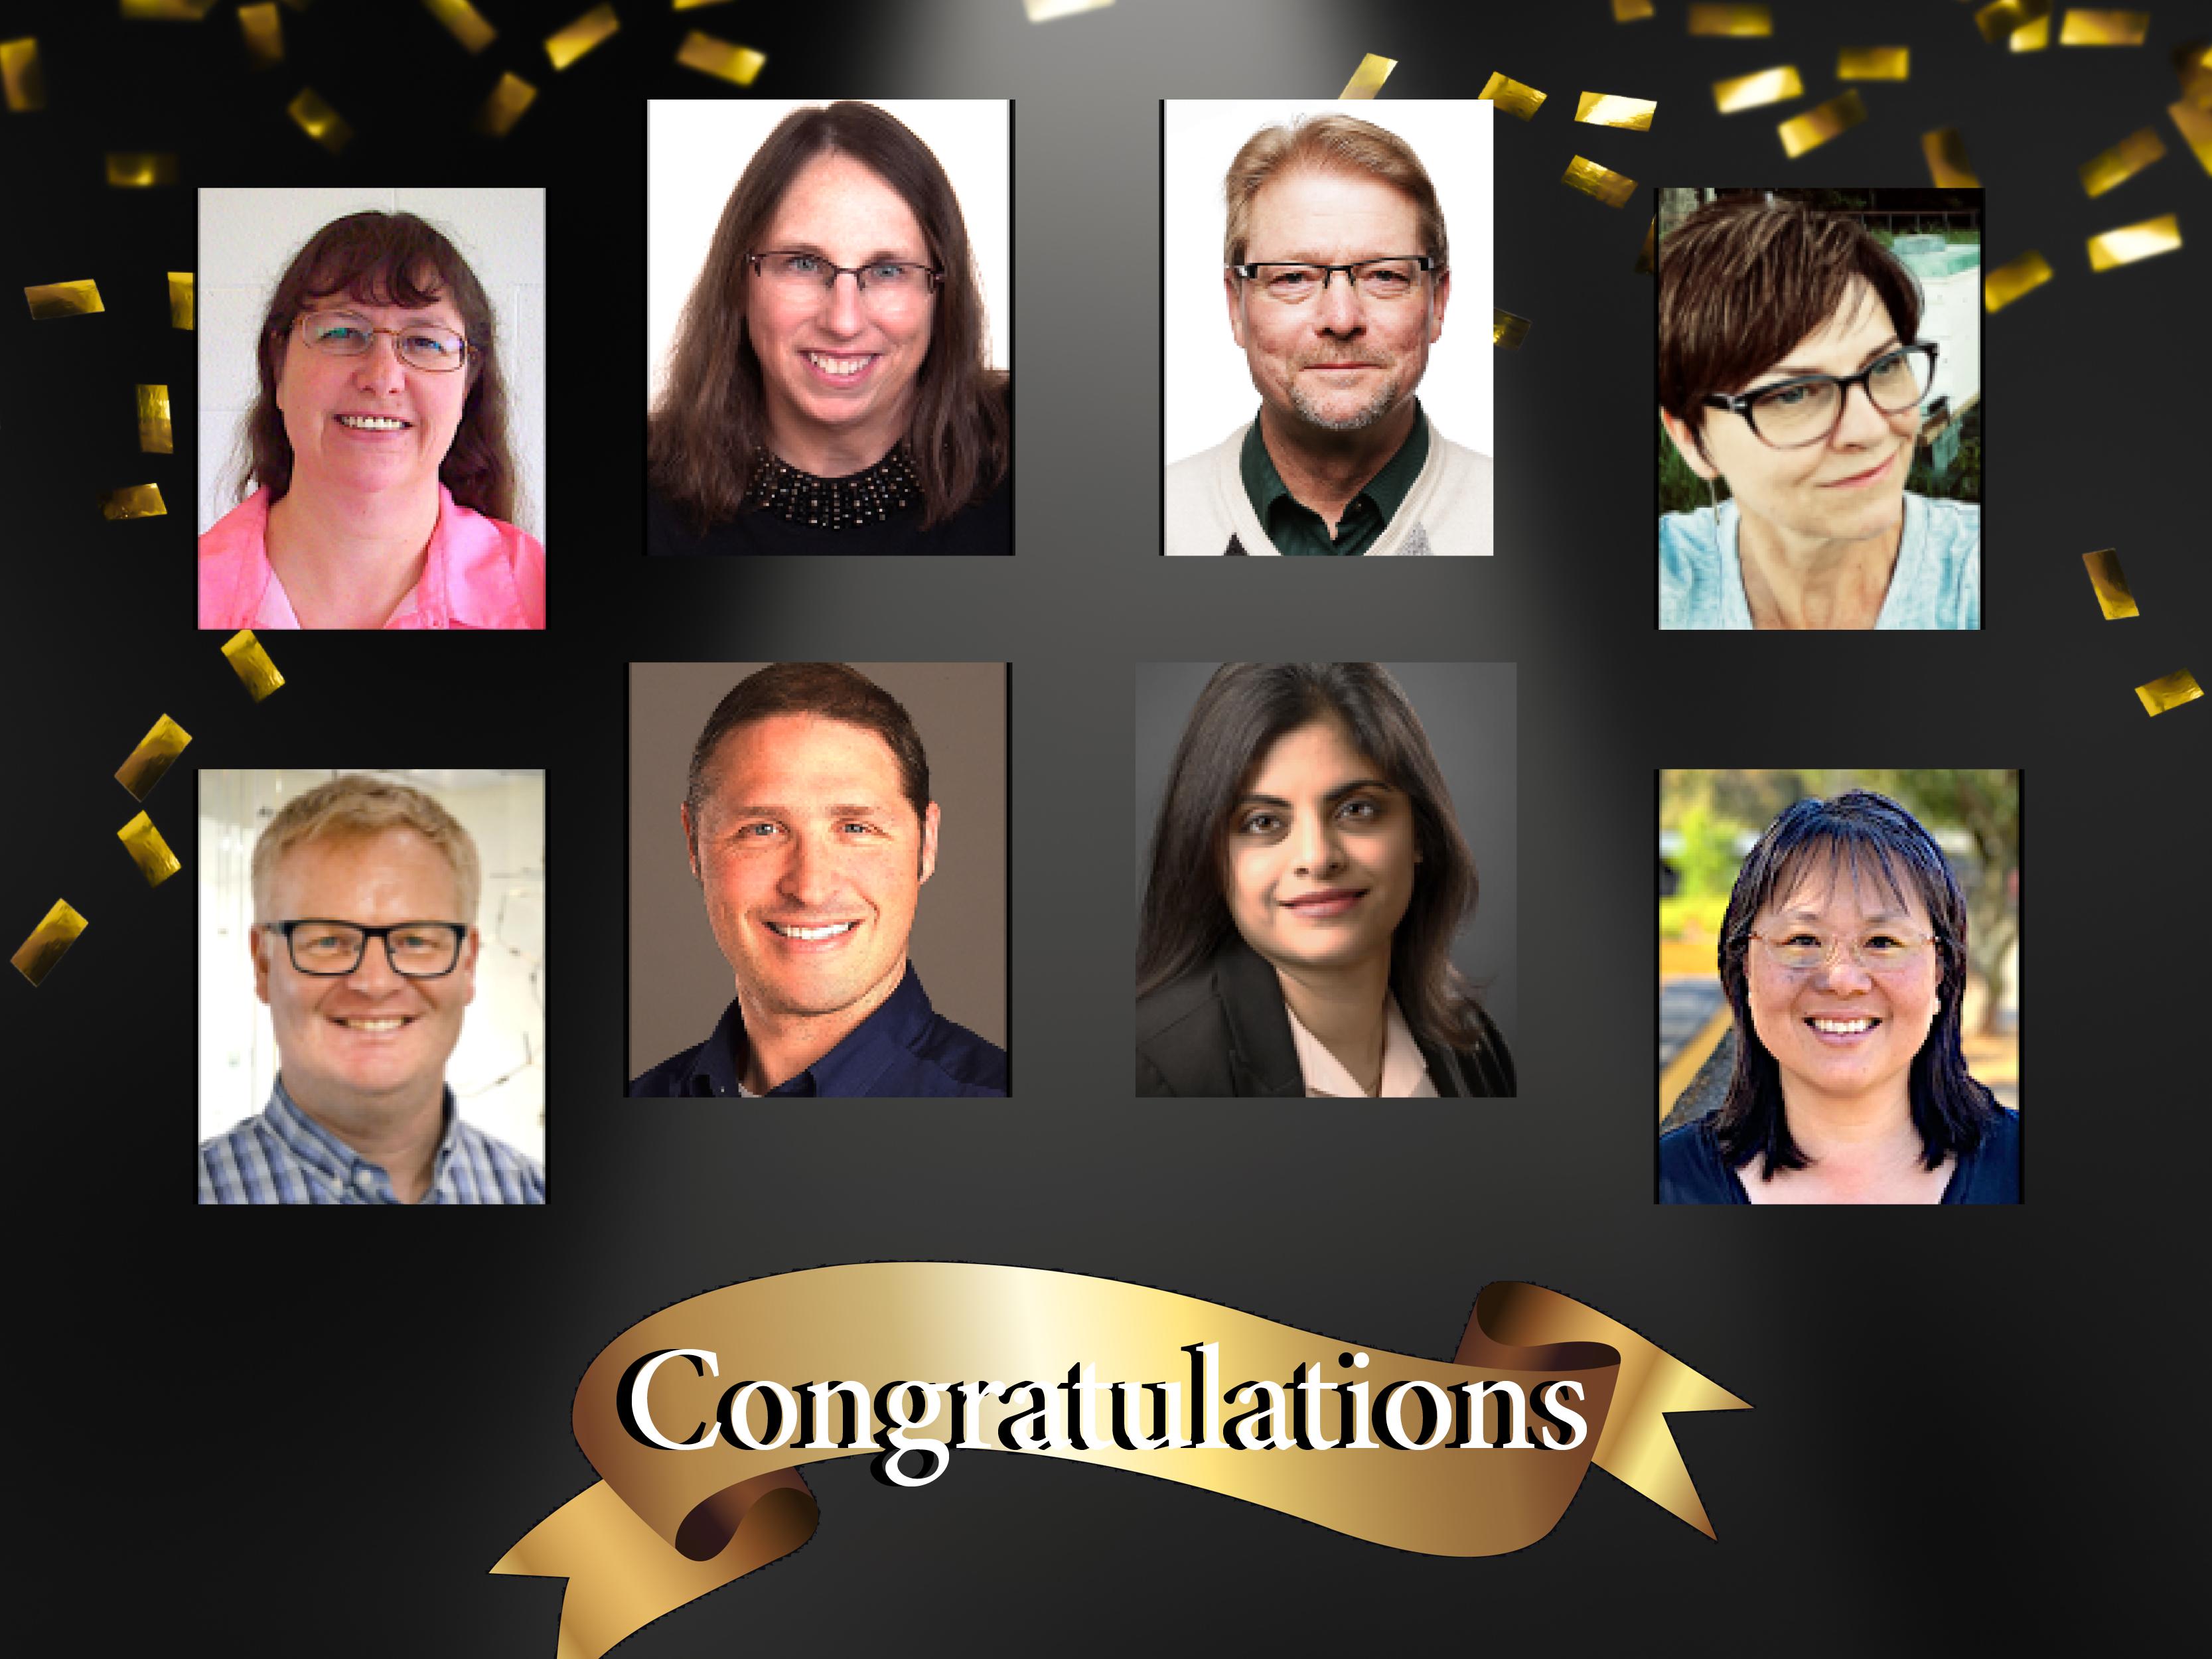 Congratulations to the 2021 Mentor Fellows & Co-Mentors